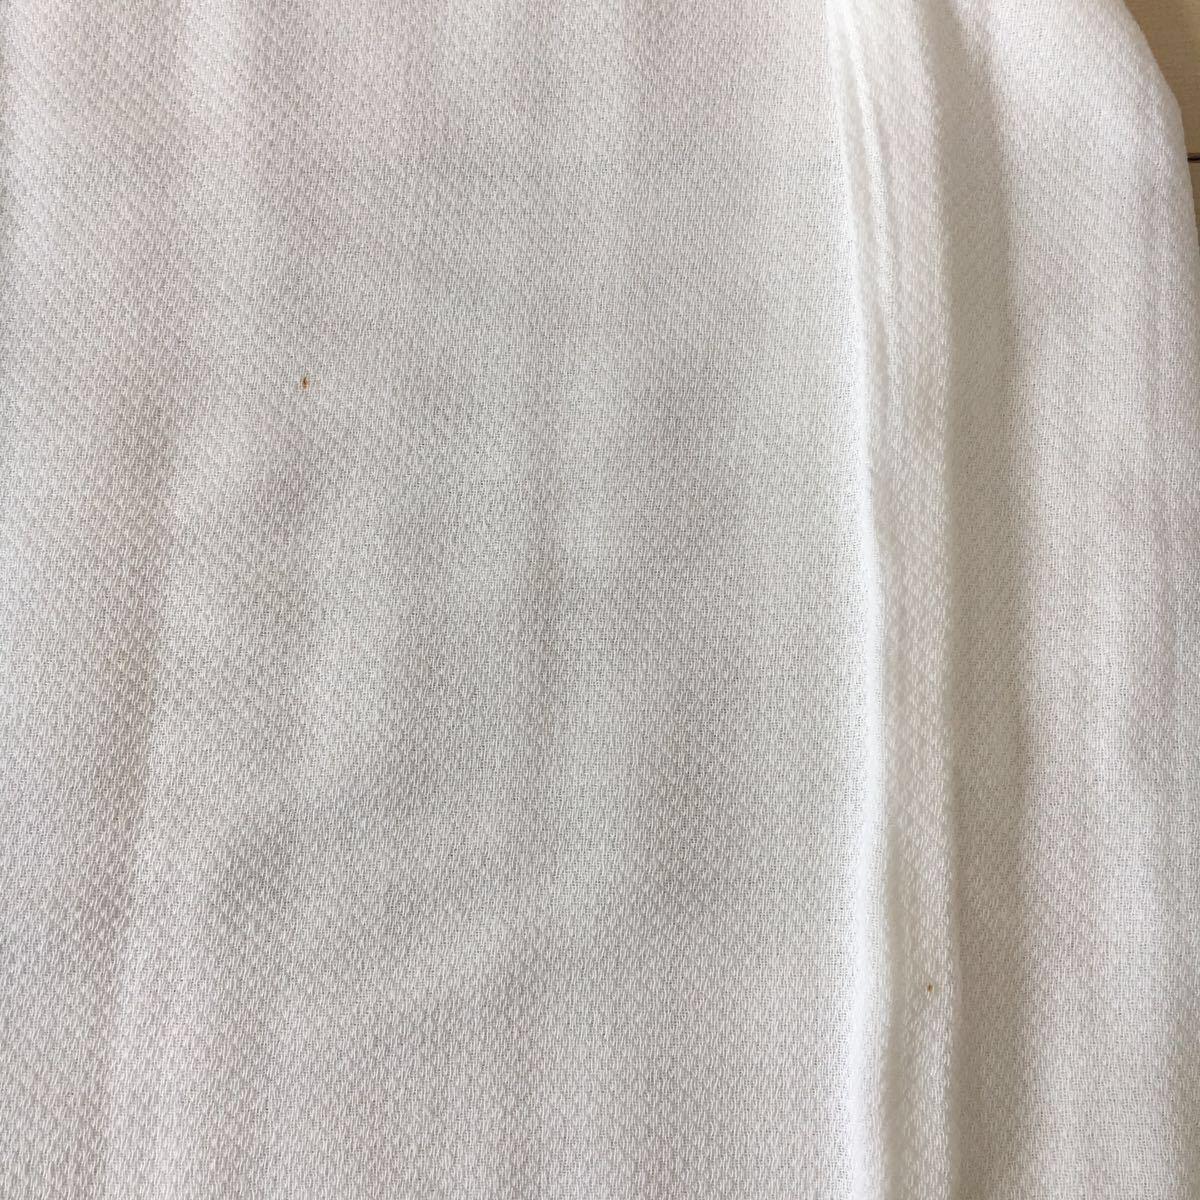 新品 未使用 シンクビー 股おむつ 5枚 輪おむつ 布おむつ ドビー織り 無地 10枚_画像4